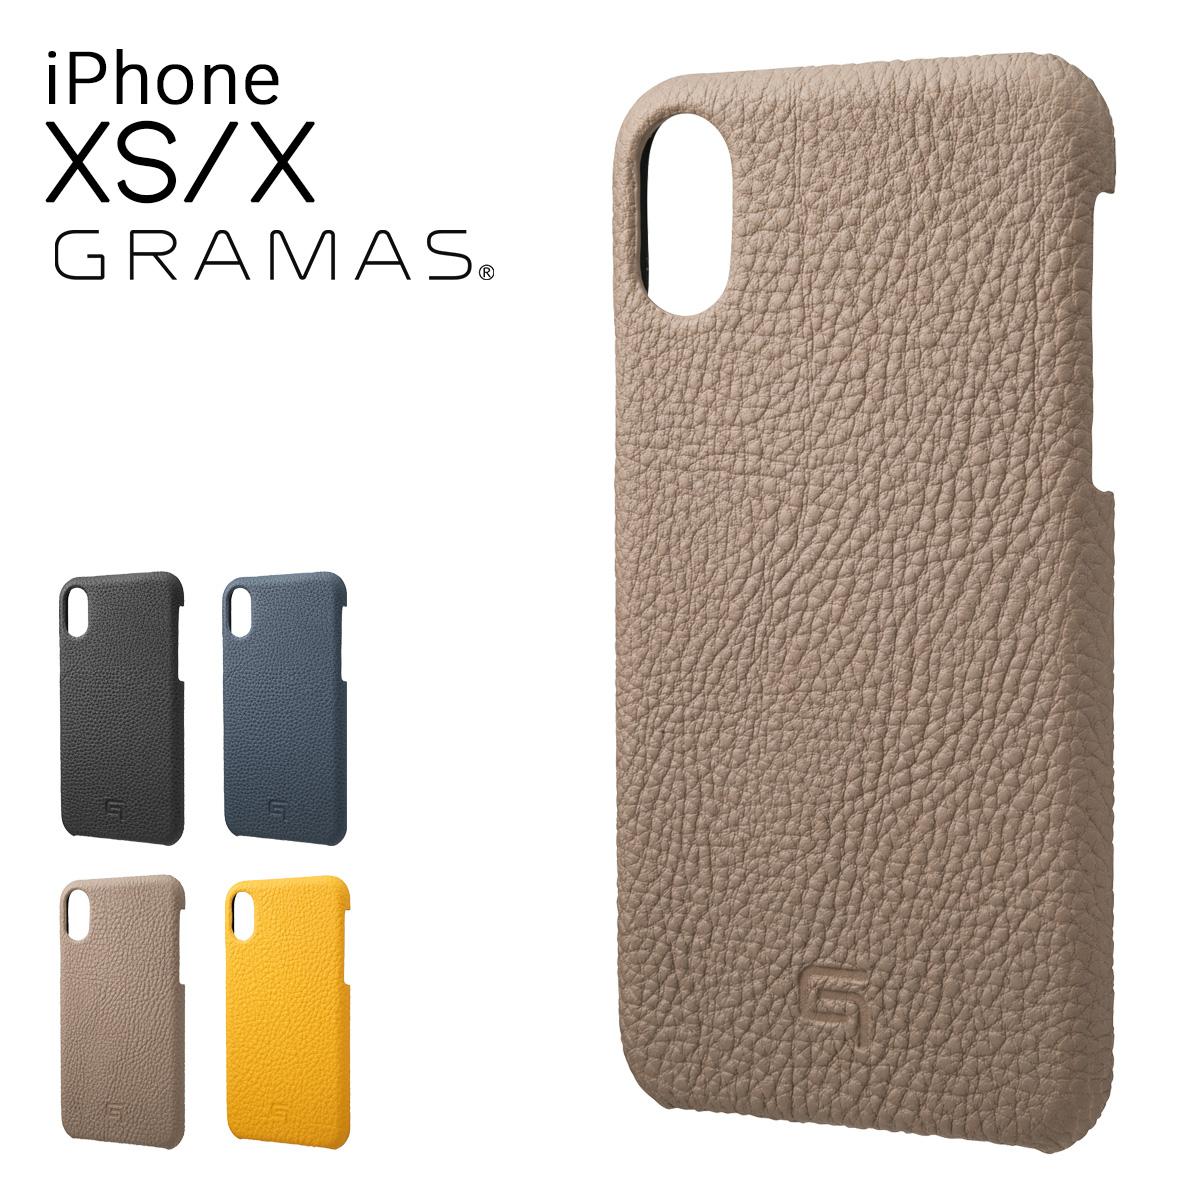 グラマス iPhoneXS iPhoneX ケース メンズ レディース GSC-72358 GRAMAS | スマートフォンケース 本革[bef][即日発送]